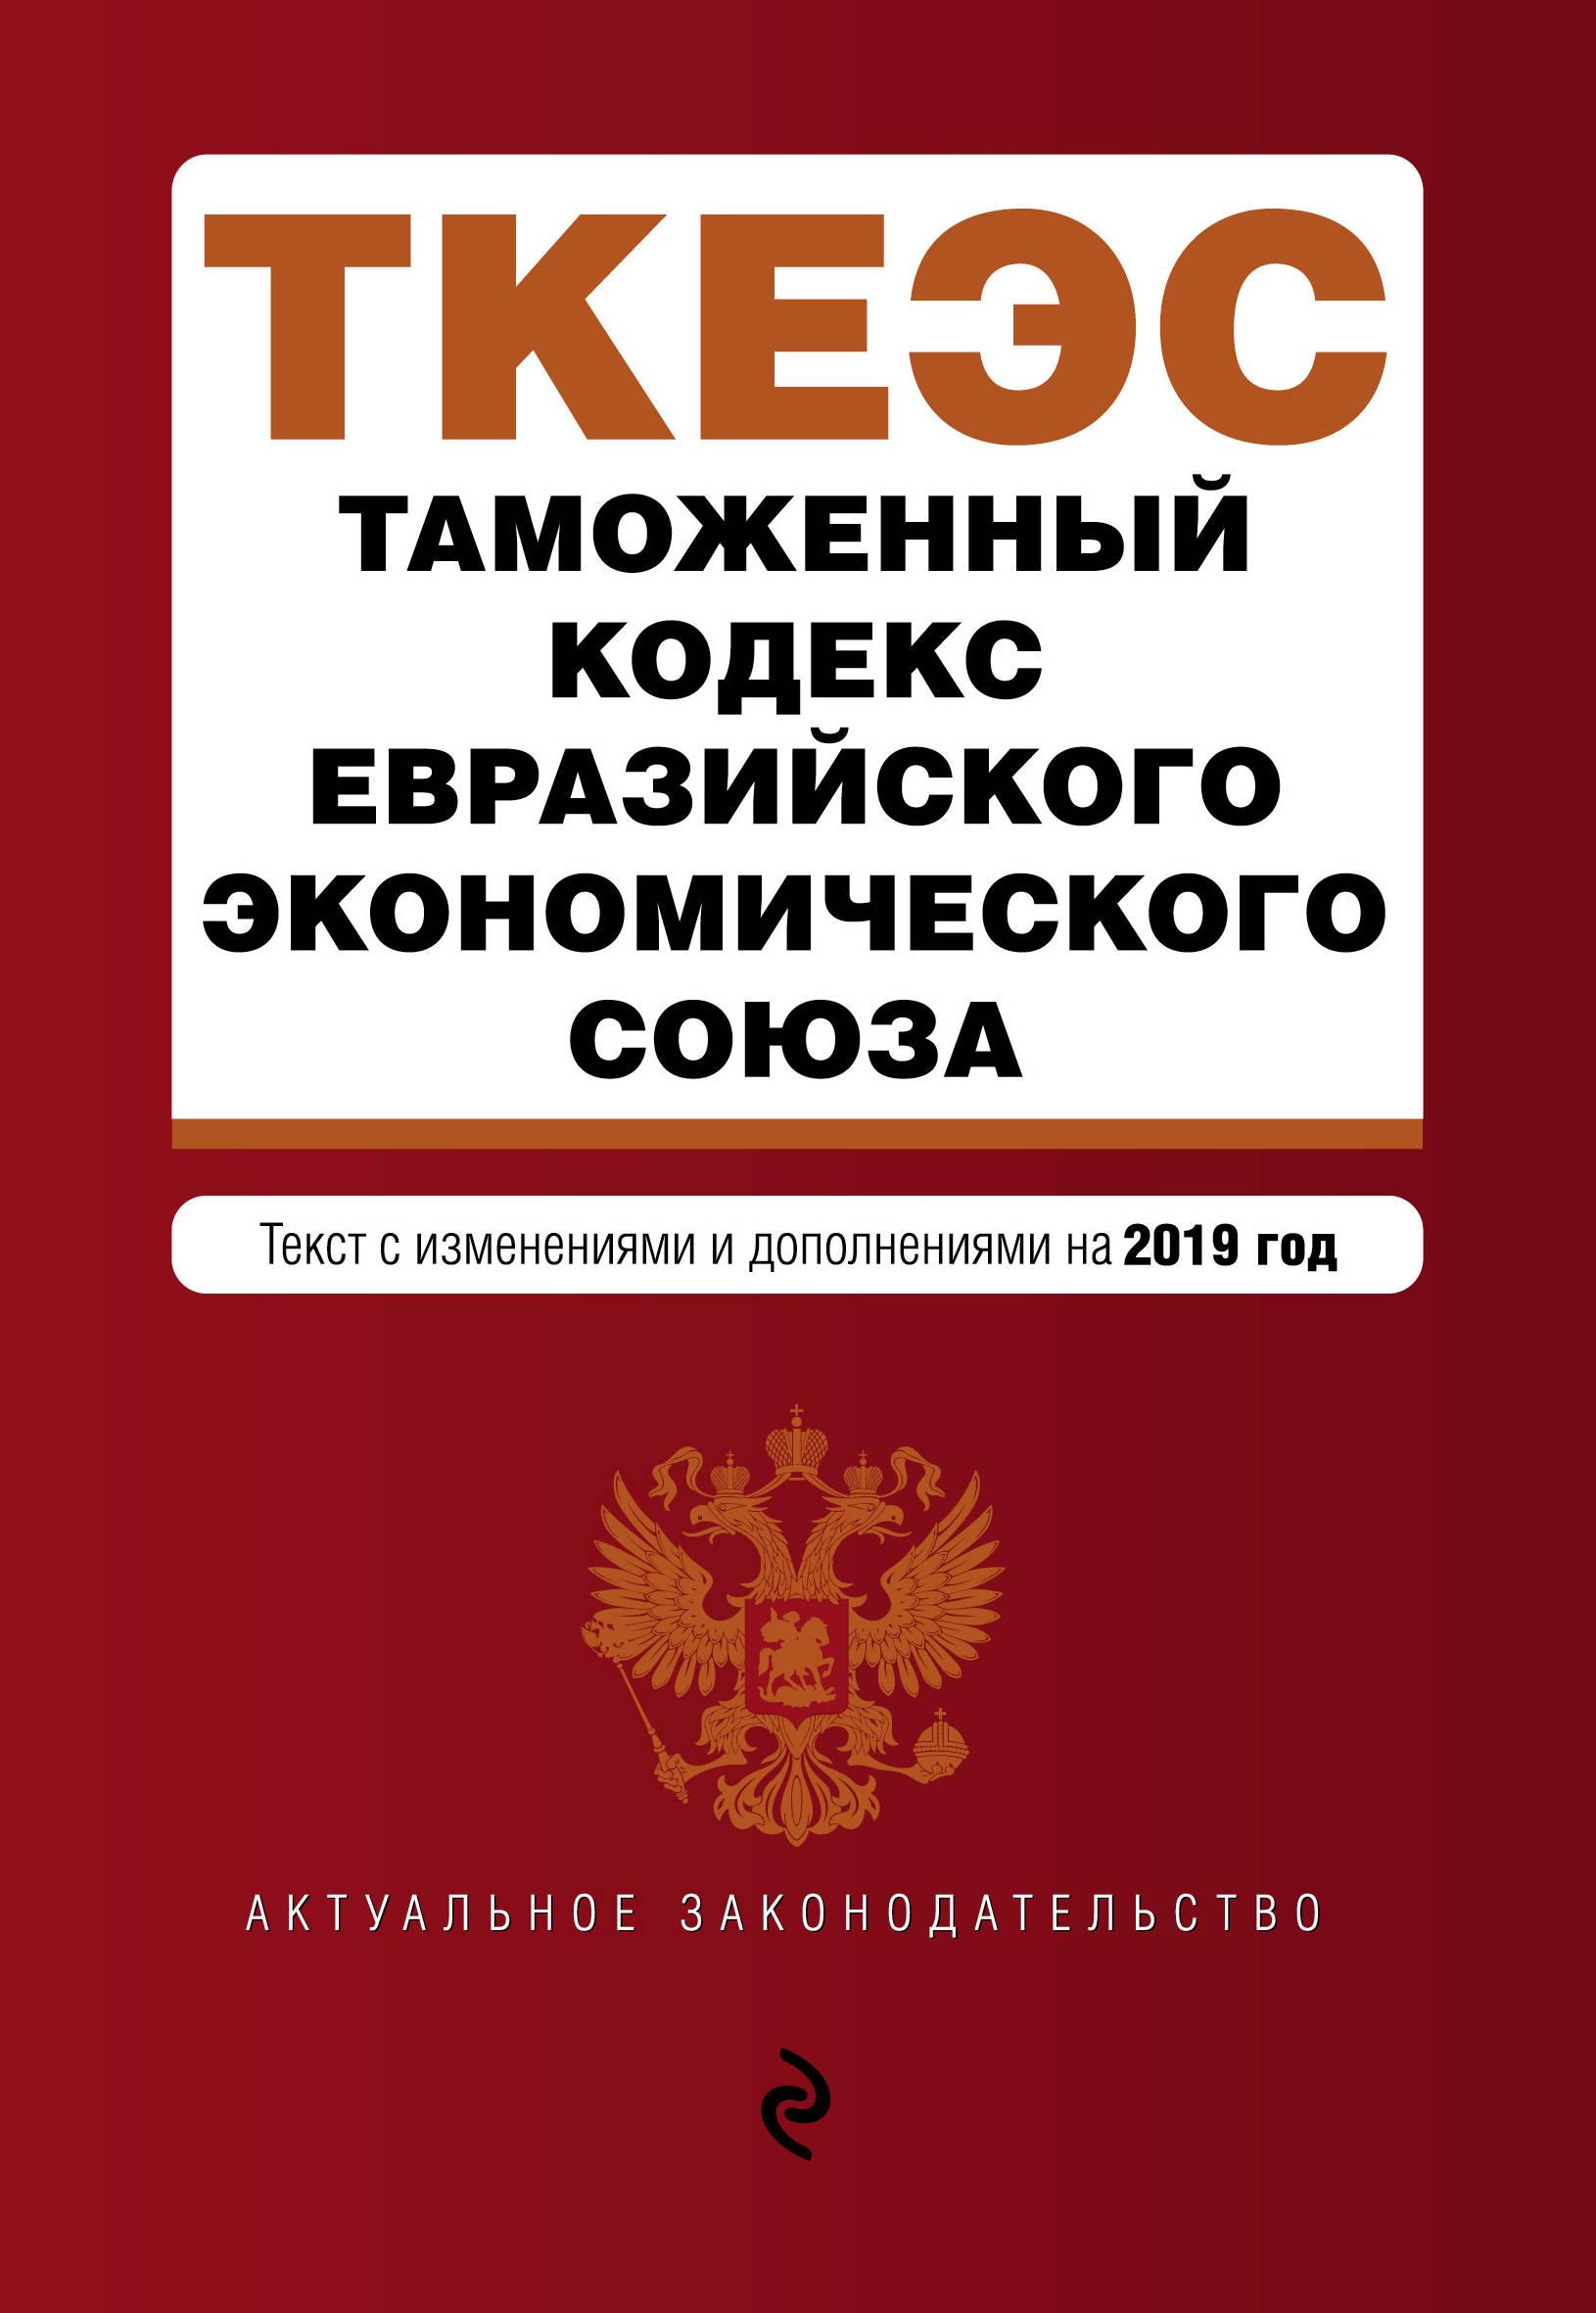 Таможенный кодекс Евразийского экономического союза. Текст с изменениями и дополнениями на 2019 год цена 2017